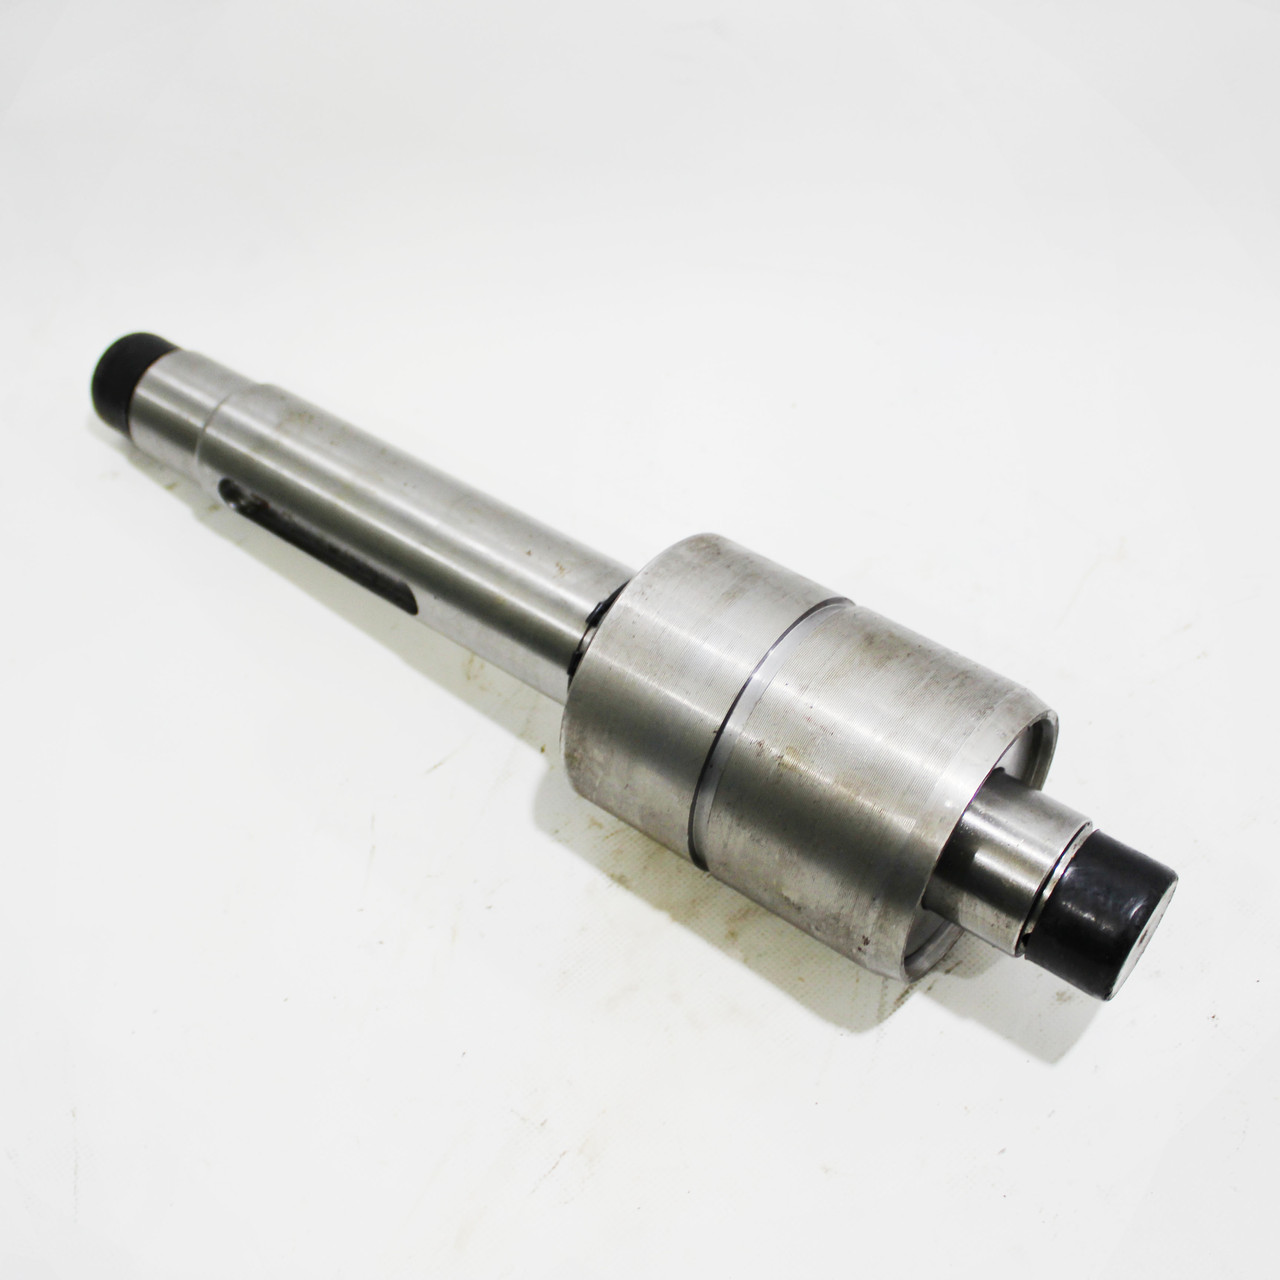 Гидроцилиндр вариатора ходовой части НИВА 54-154-3 (граната)